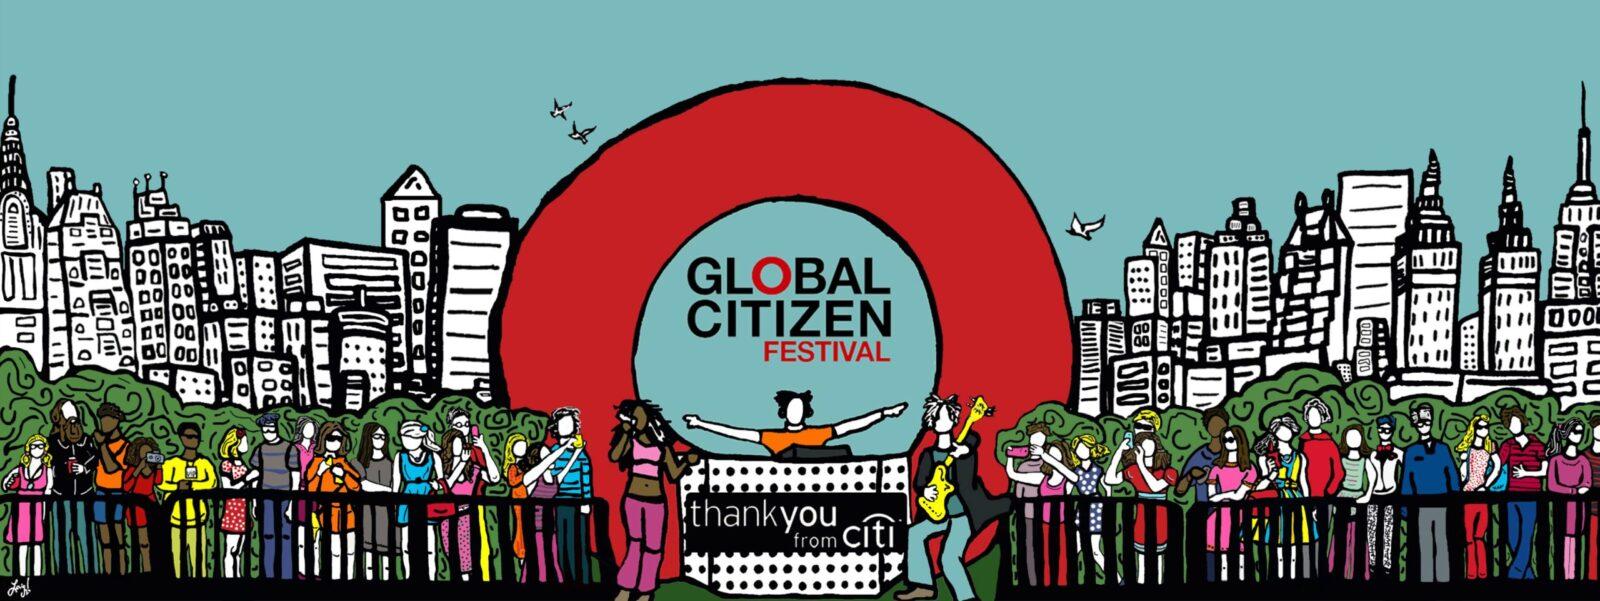 Loving Artwork Commissioned for Global Citizen Festival